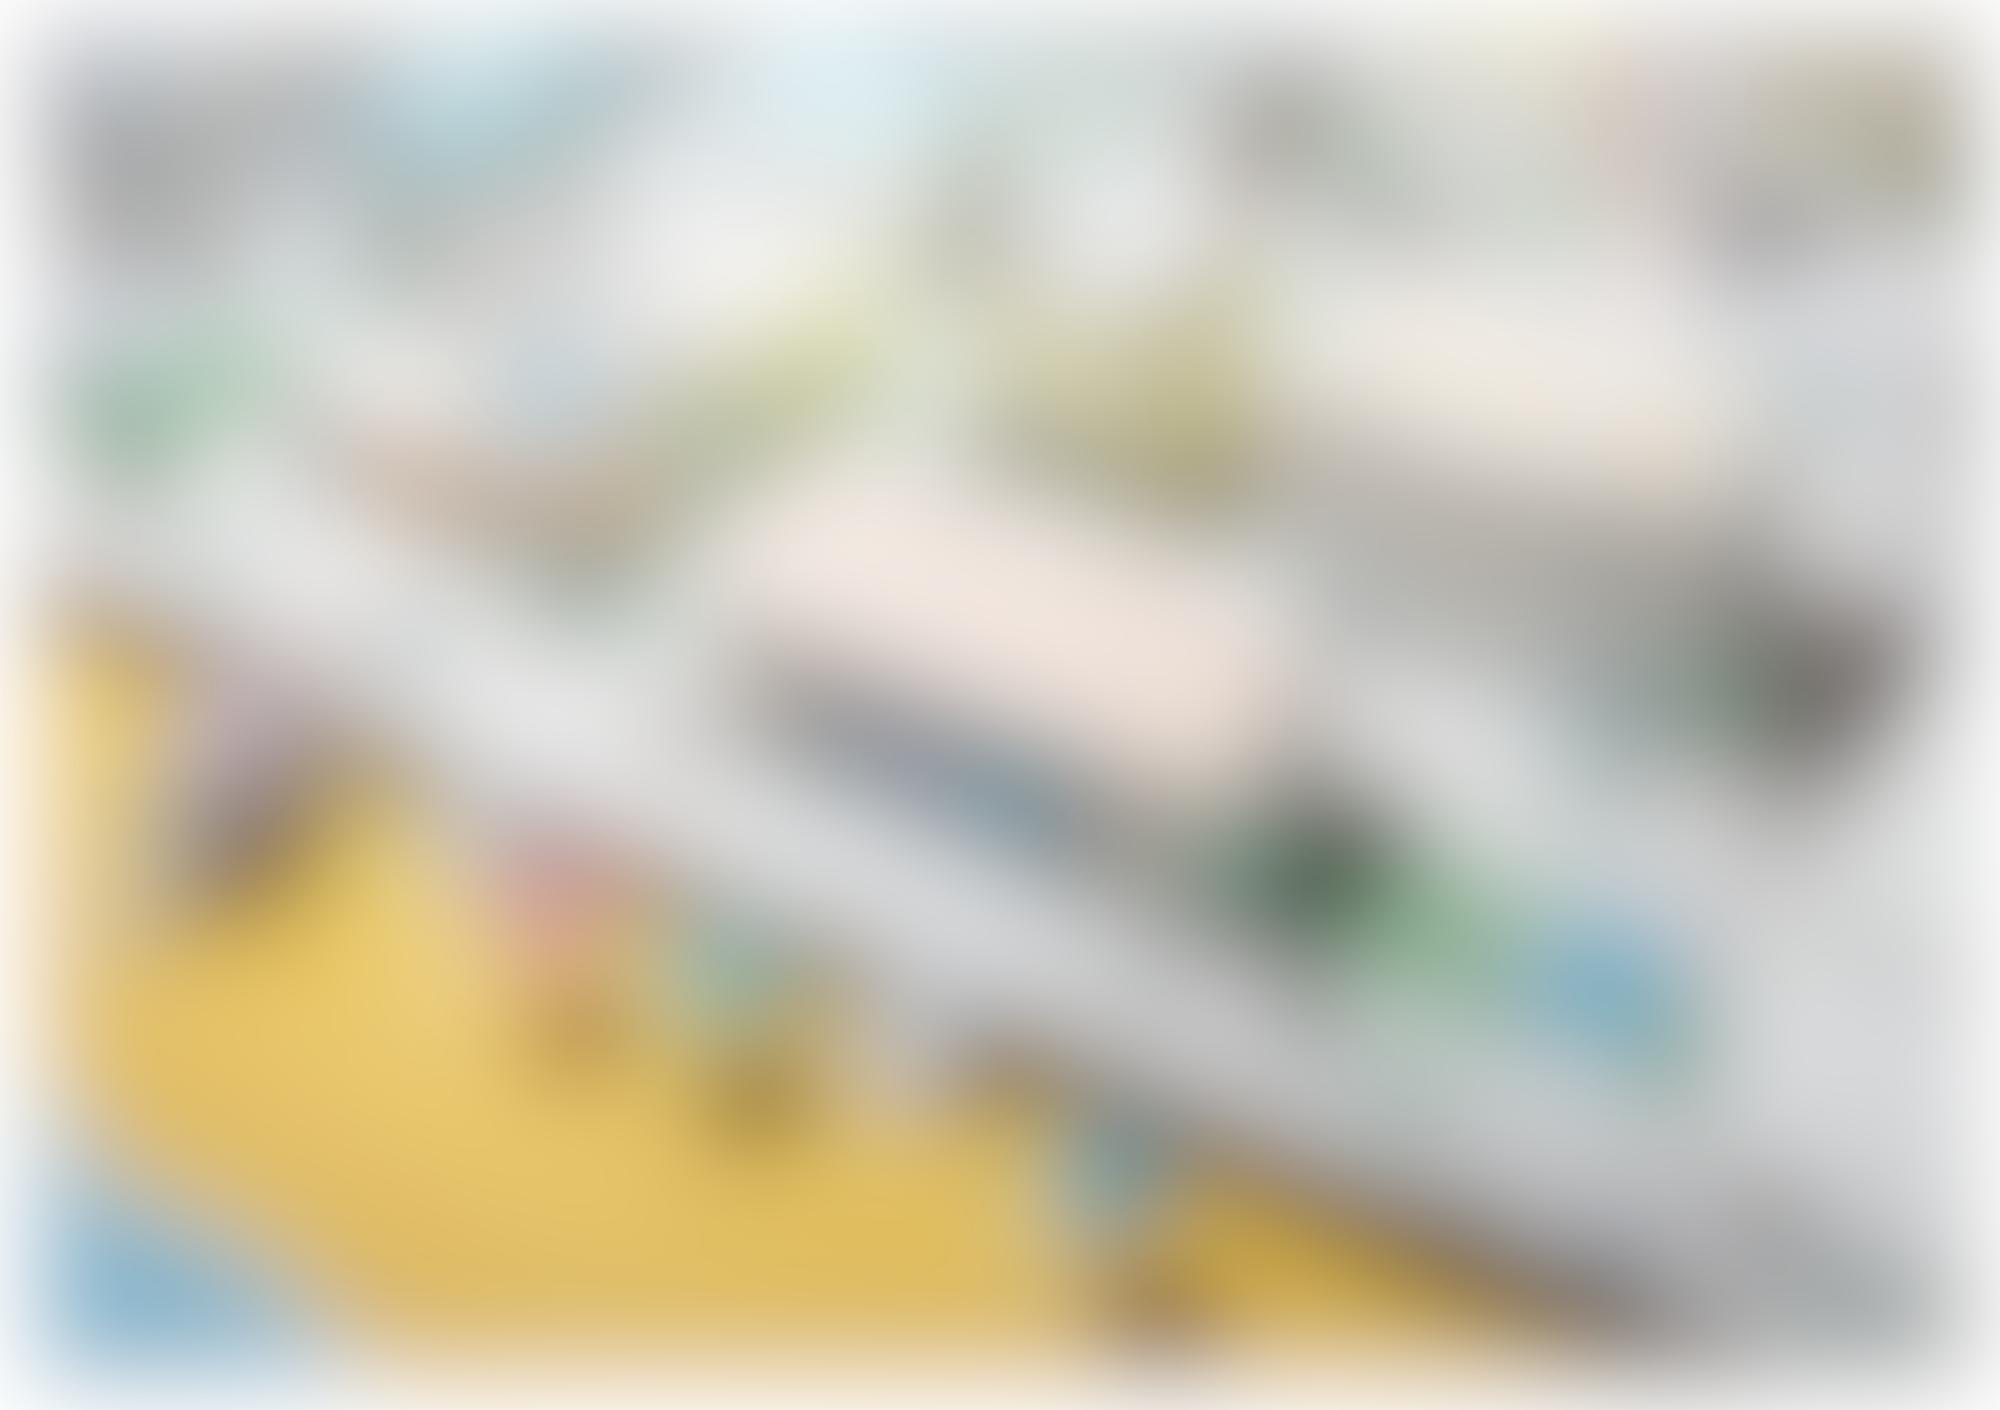 Hattie stylistmag 2013 autocompressfitresizeixlibphp 1 1 0max h2000max w3 D2000q80s01844f07b048b61e9175099aa404c12d